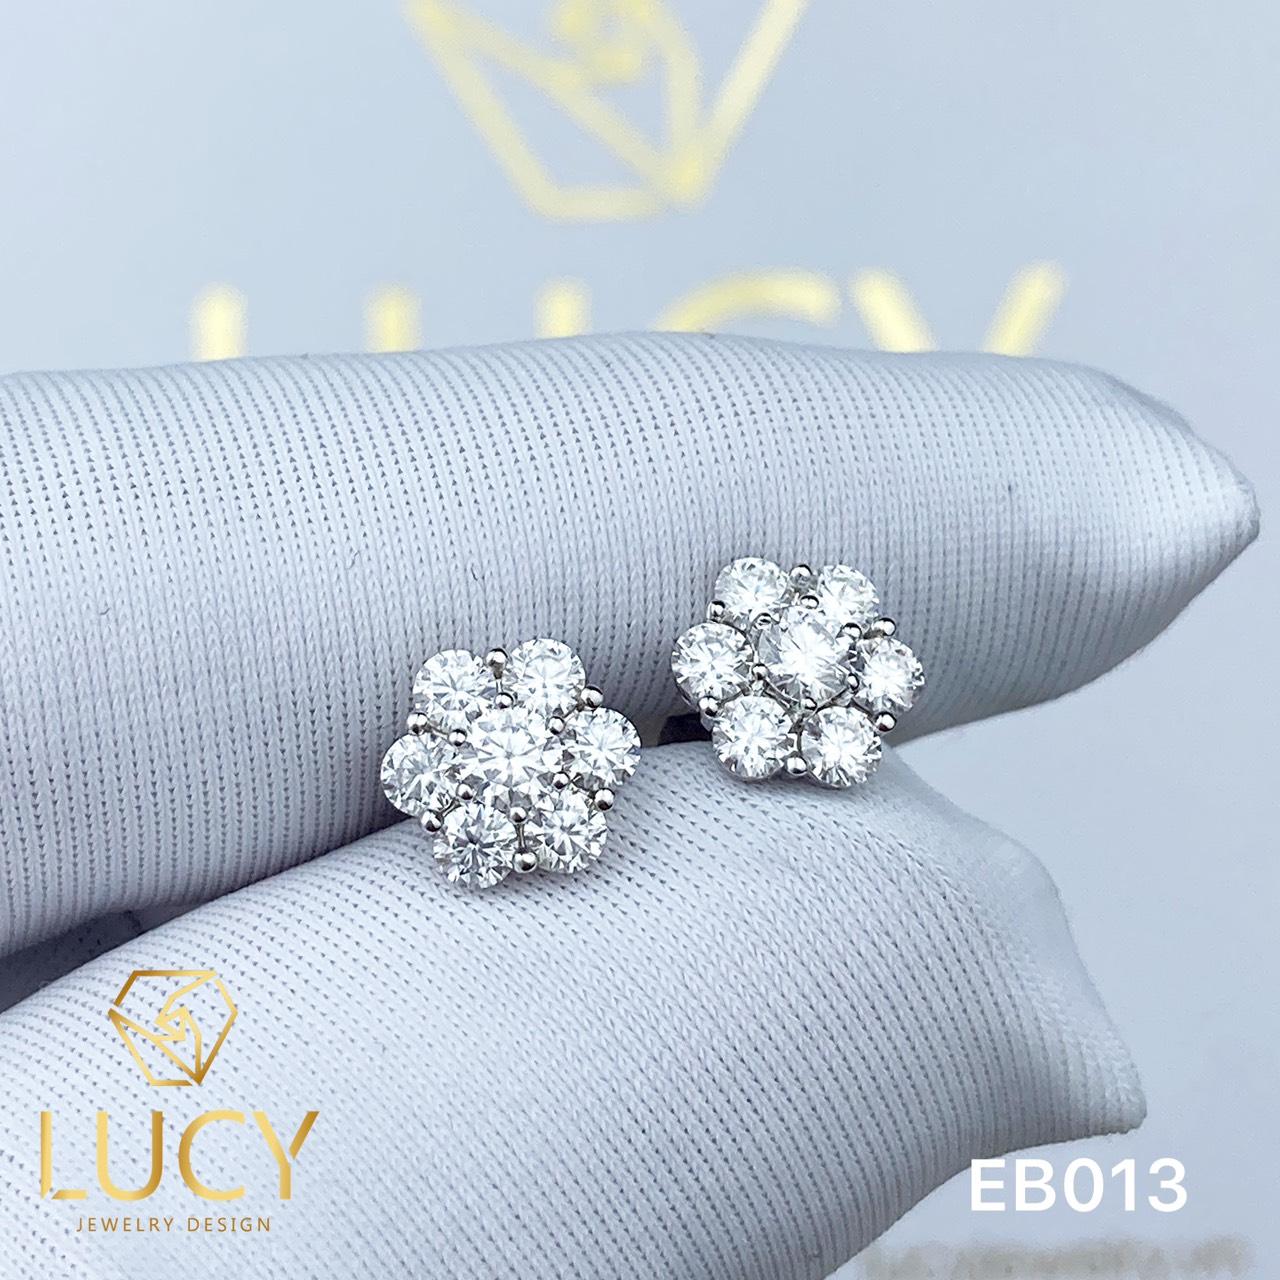 EB013 Khuyên tai vàng nữ - Lucy Jewelry